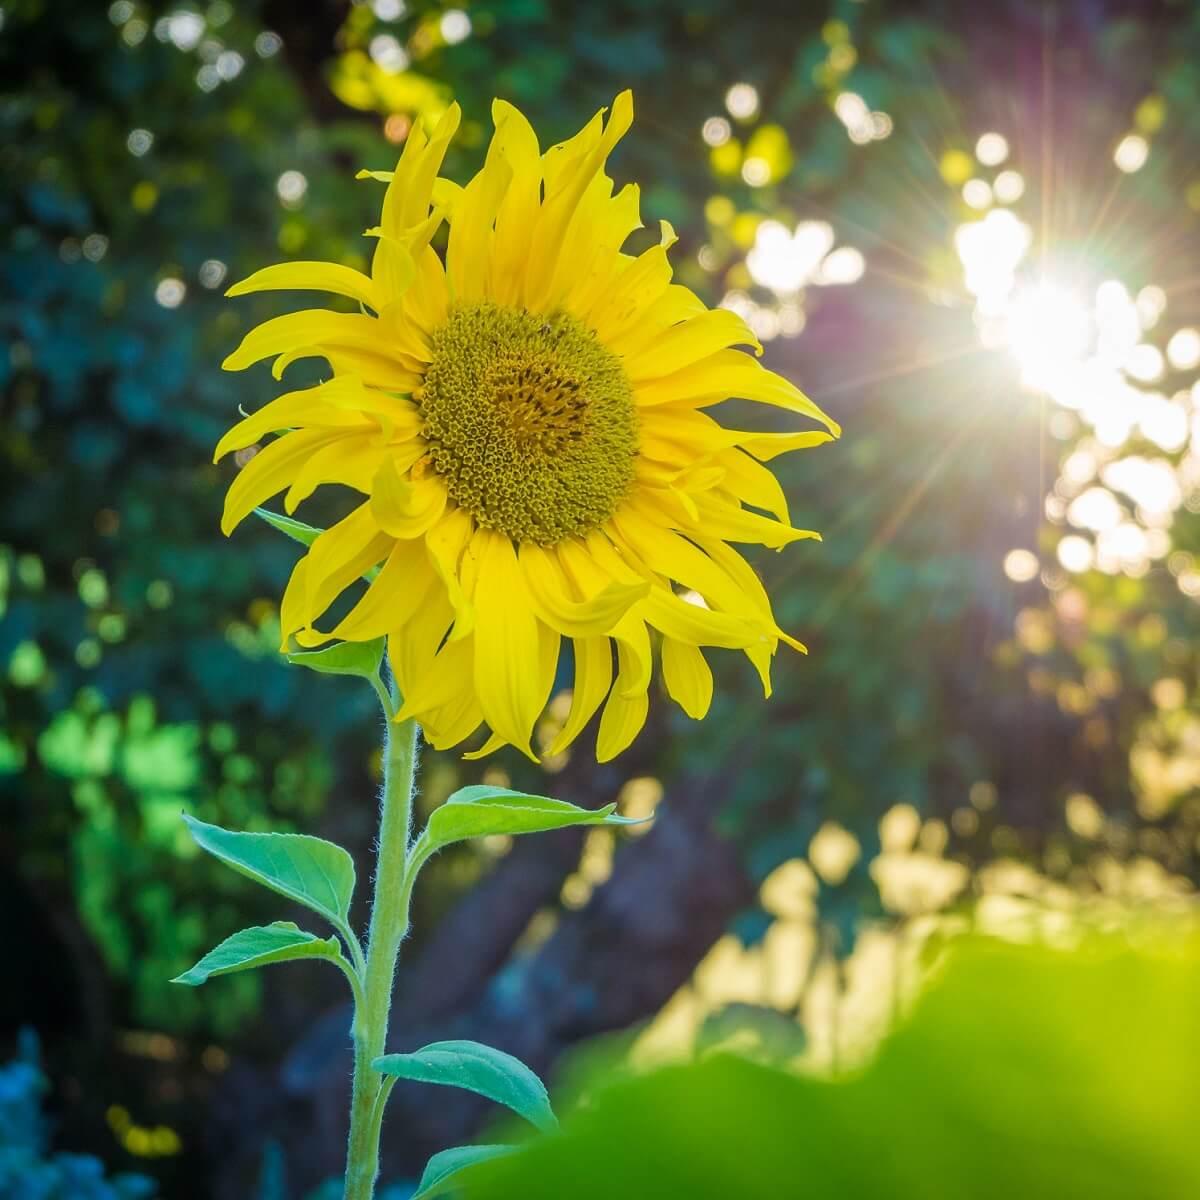 自然の中に咲くひまわりの写真。